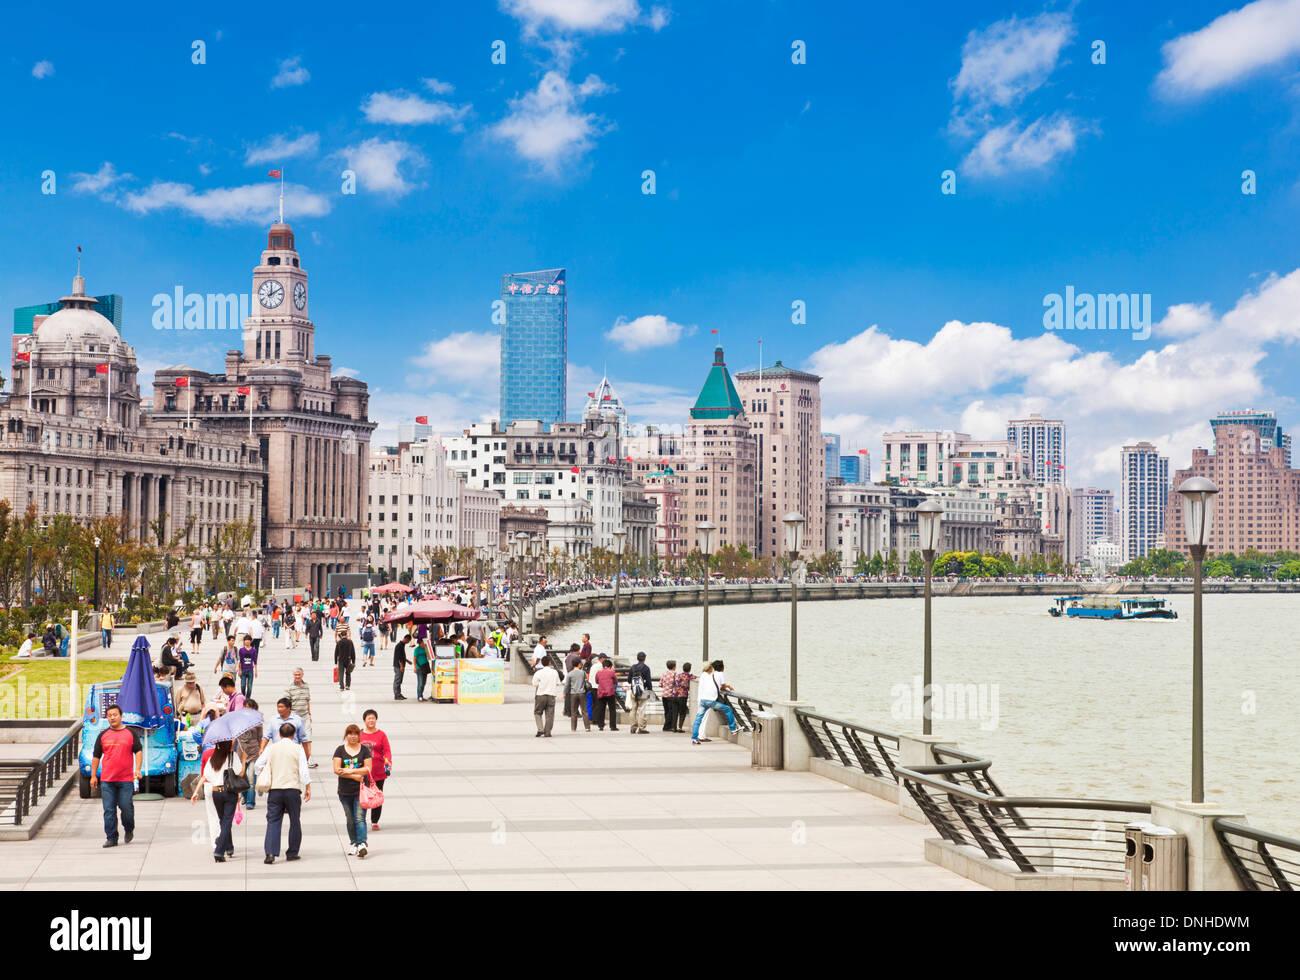 Beaucoup de gens se promener le long de la promenade du Bund Shanghai, République populaire de Chine, République populaire de Chine, l'Asie Photo Stock